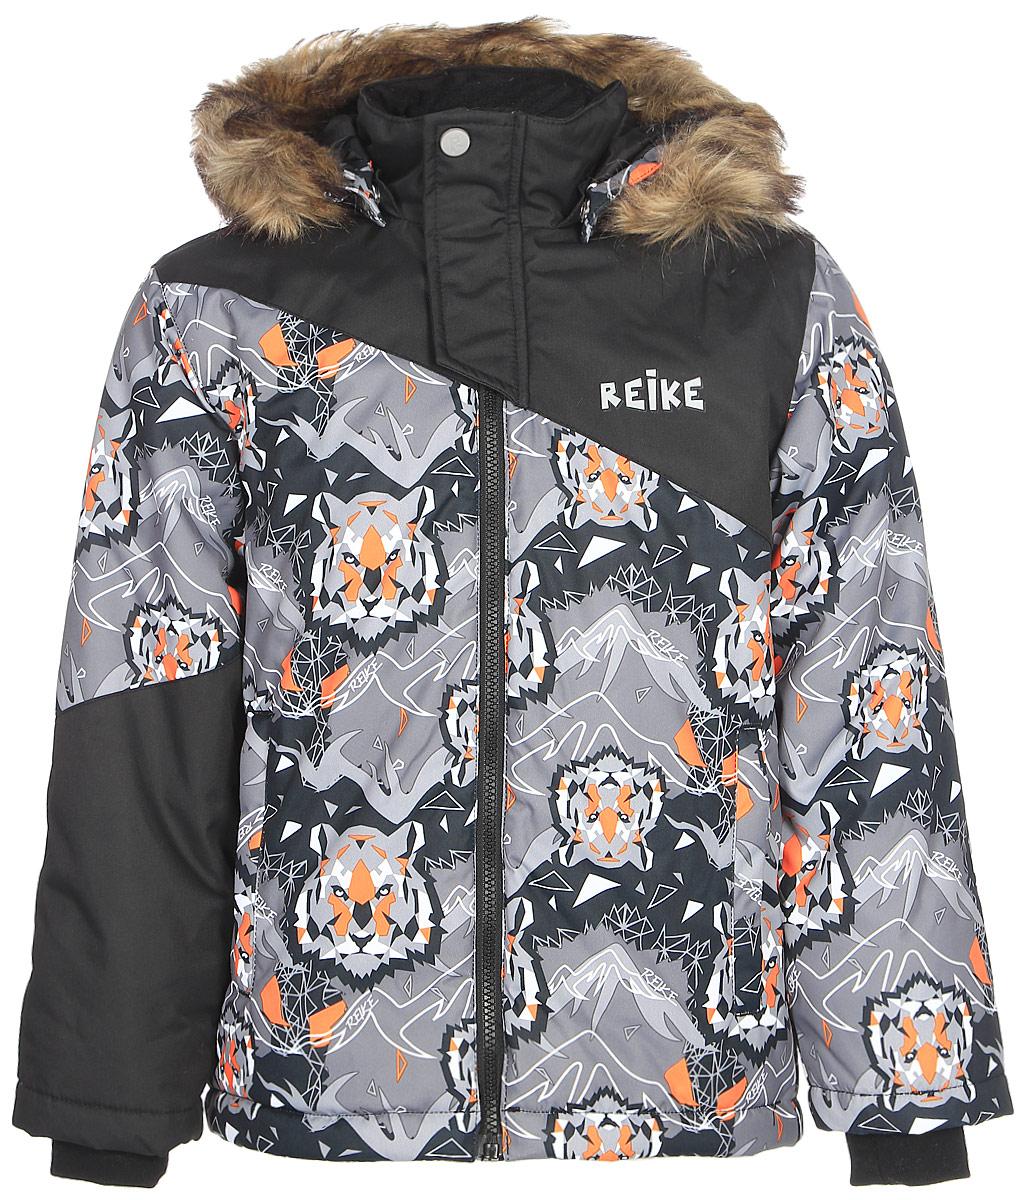 Куртка для мальчика Reike, цвет: серый. 3925510_TGR grey. Размер 1223925510_TGR greyКуртка для мальчика Reike Tiger изготовлена из ветрозащитного, водоотталкивающего и дышащего материала декорирована оригинальным принтом со стилизованными изображениями тигра. Подкладка выполнена из принтованного полиэстера с флисовым подкладом. Куртка дополнена съемным регулирующимся капюшоном с отстегивающимся мехом, двумя карманами на молнии, светоотражающими элементами. Манжеты на резинке, регулируемая утяжка внизу куртки и внутренняя ветрозащитная планка вдоль молнии не допустят проникновения холодного воздуха. Дополнительную защиту от ветра обеспечивает короткая ветрозащитная планка на кнопках и липучках, расположенная у горловины.Базовый уровень. Коэффициент воздухопроницаемости куртки: 2000гр/м2/24 ч. Водоотталкивающее покрытие: 2000 мм.